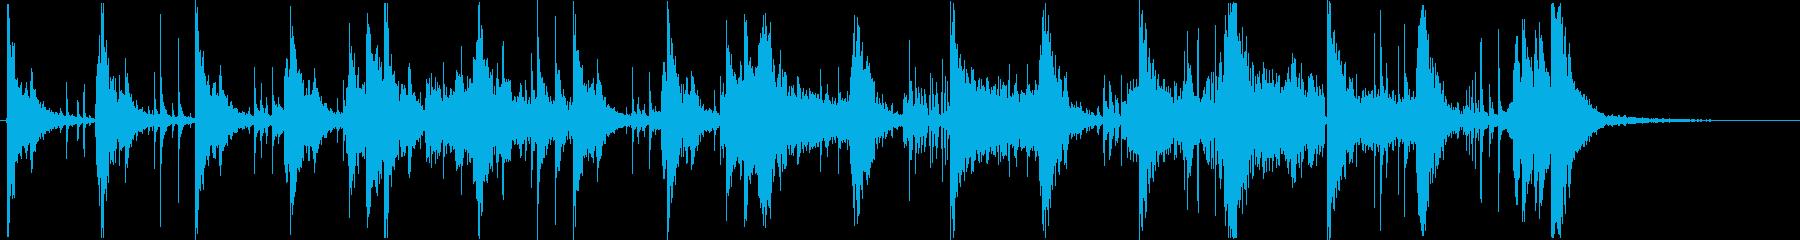 ギターと打楽器の緊迫感のあるスロー曲ですの再生済みの波形